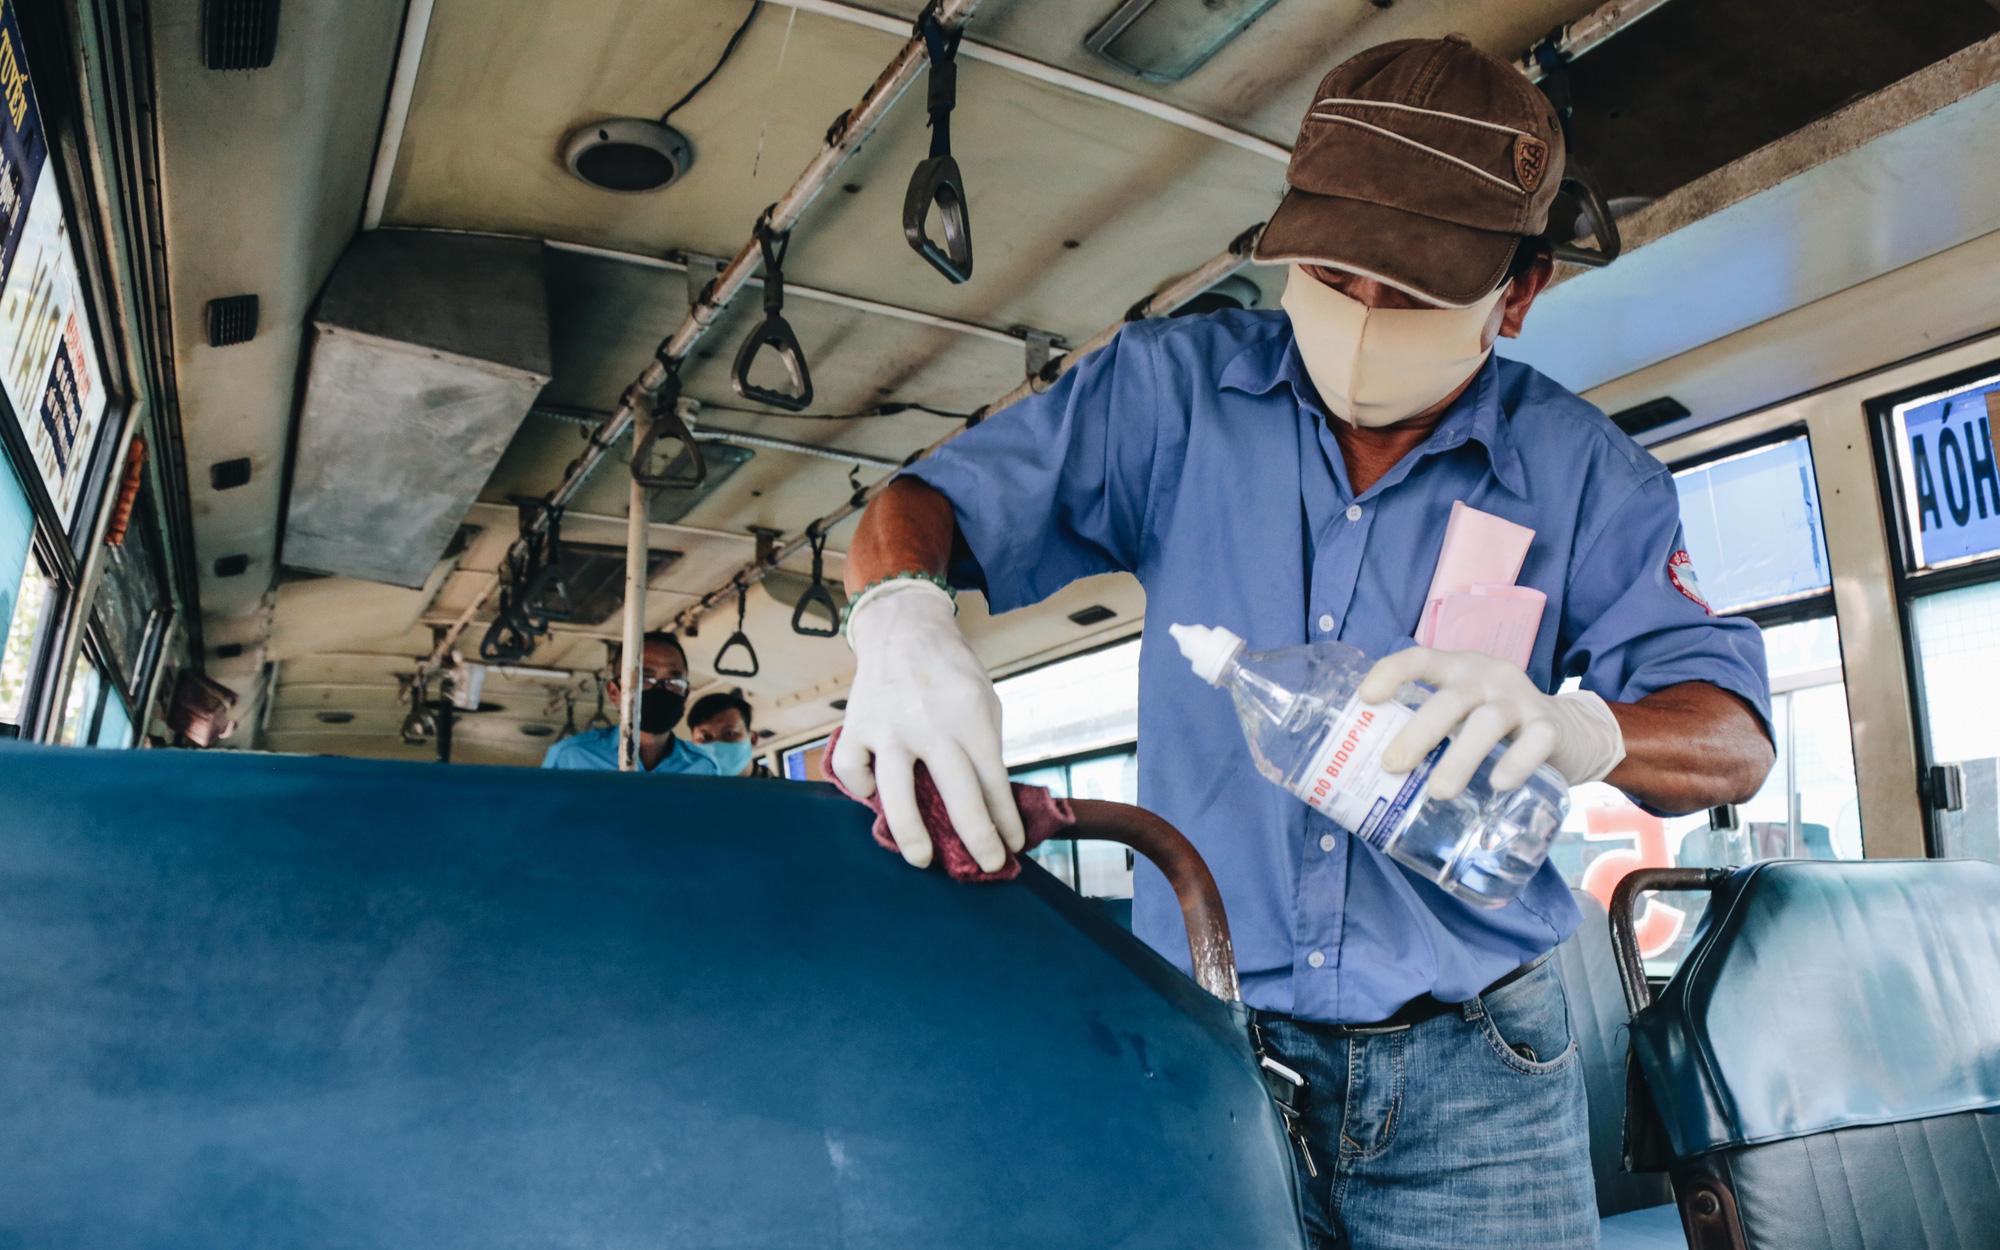 Từ sáng tới trưa chỉ có 4 khách, xe buýt ở Sài Gòn phòng dịch như thế nào trong ngày đầu hoạt động trở lại?